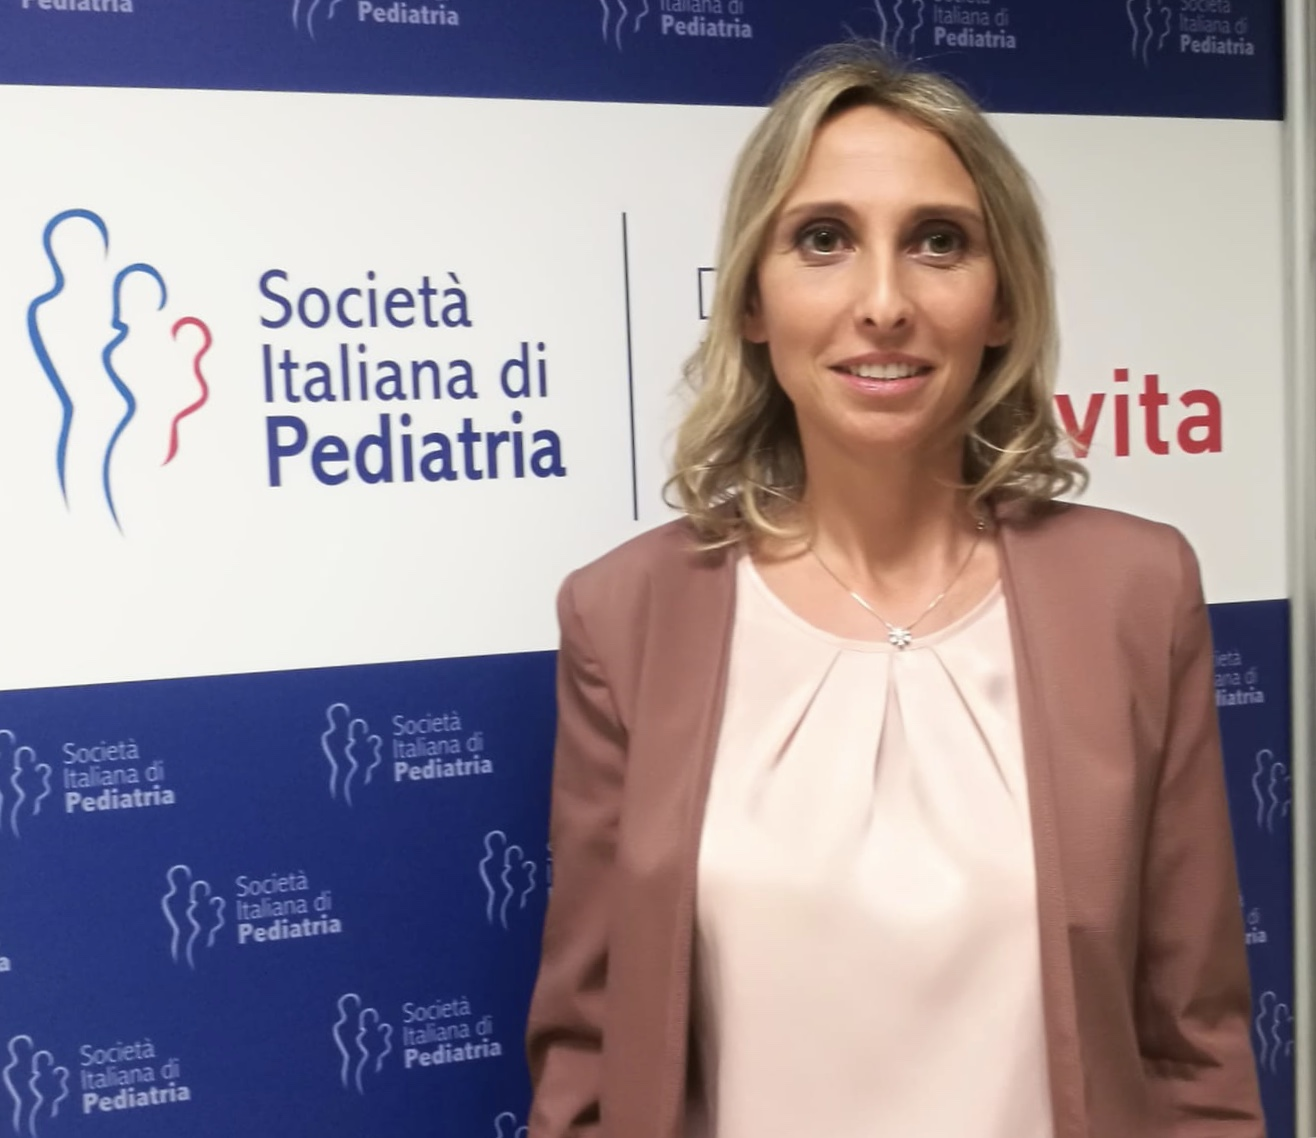 Elena Bozzola